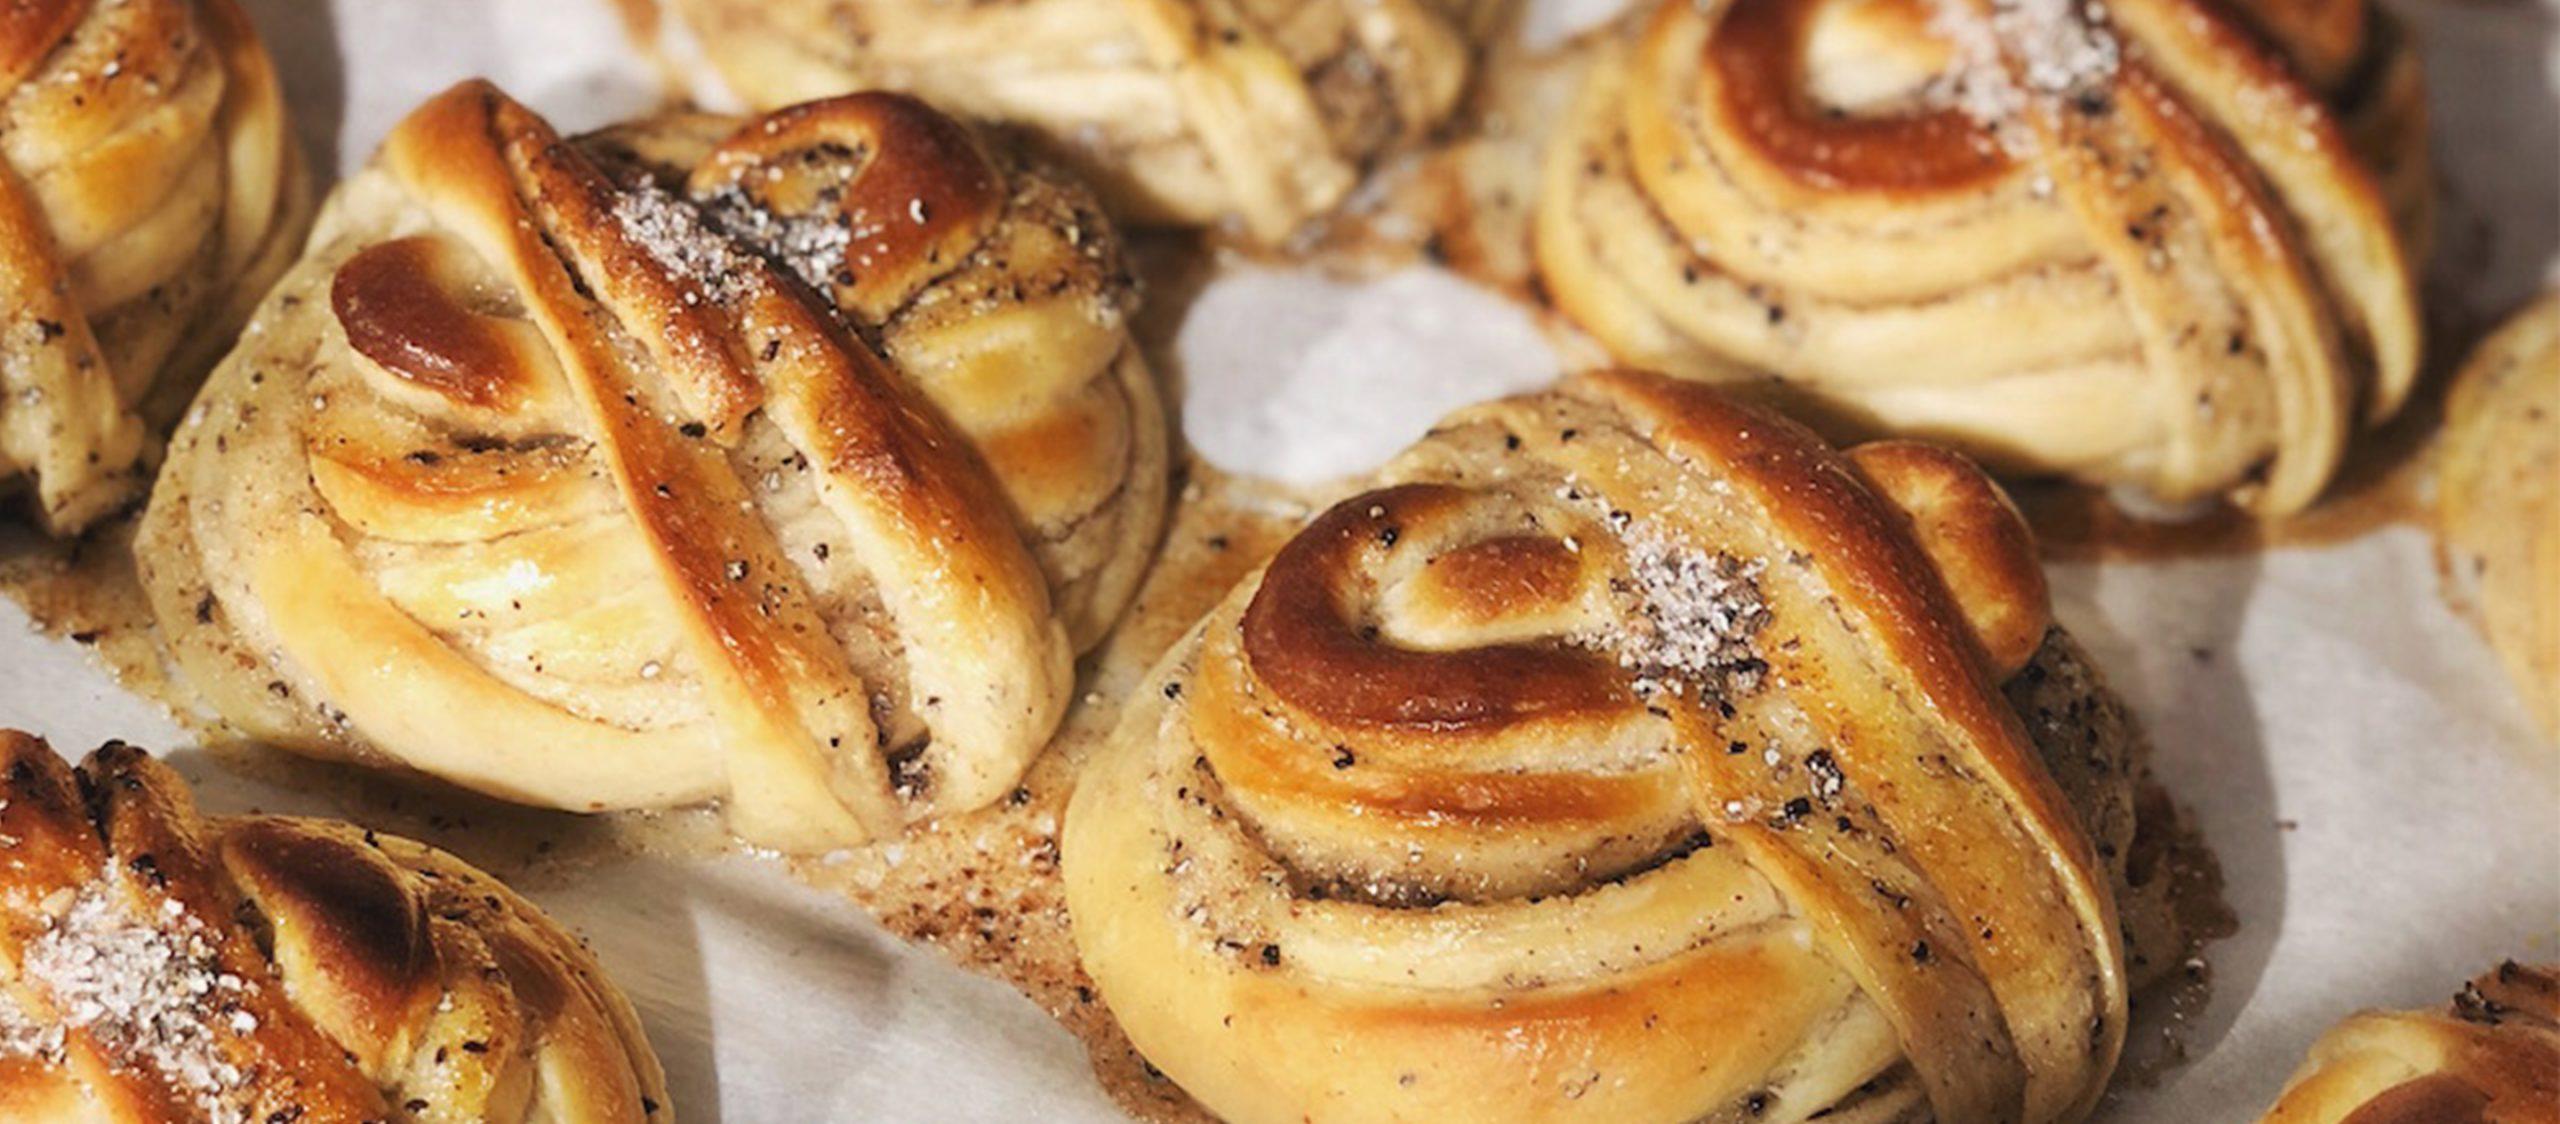 ความสุขง่ายๆ ที่หาได้จาก 10 คาเฟ่และร้านขนมปังในโคเปนเฮเกน